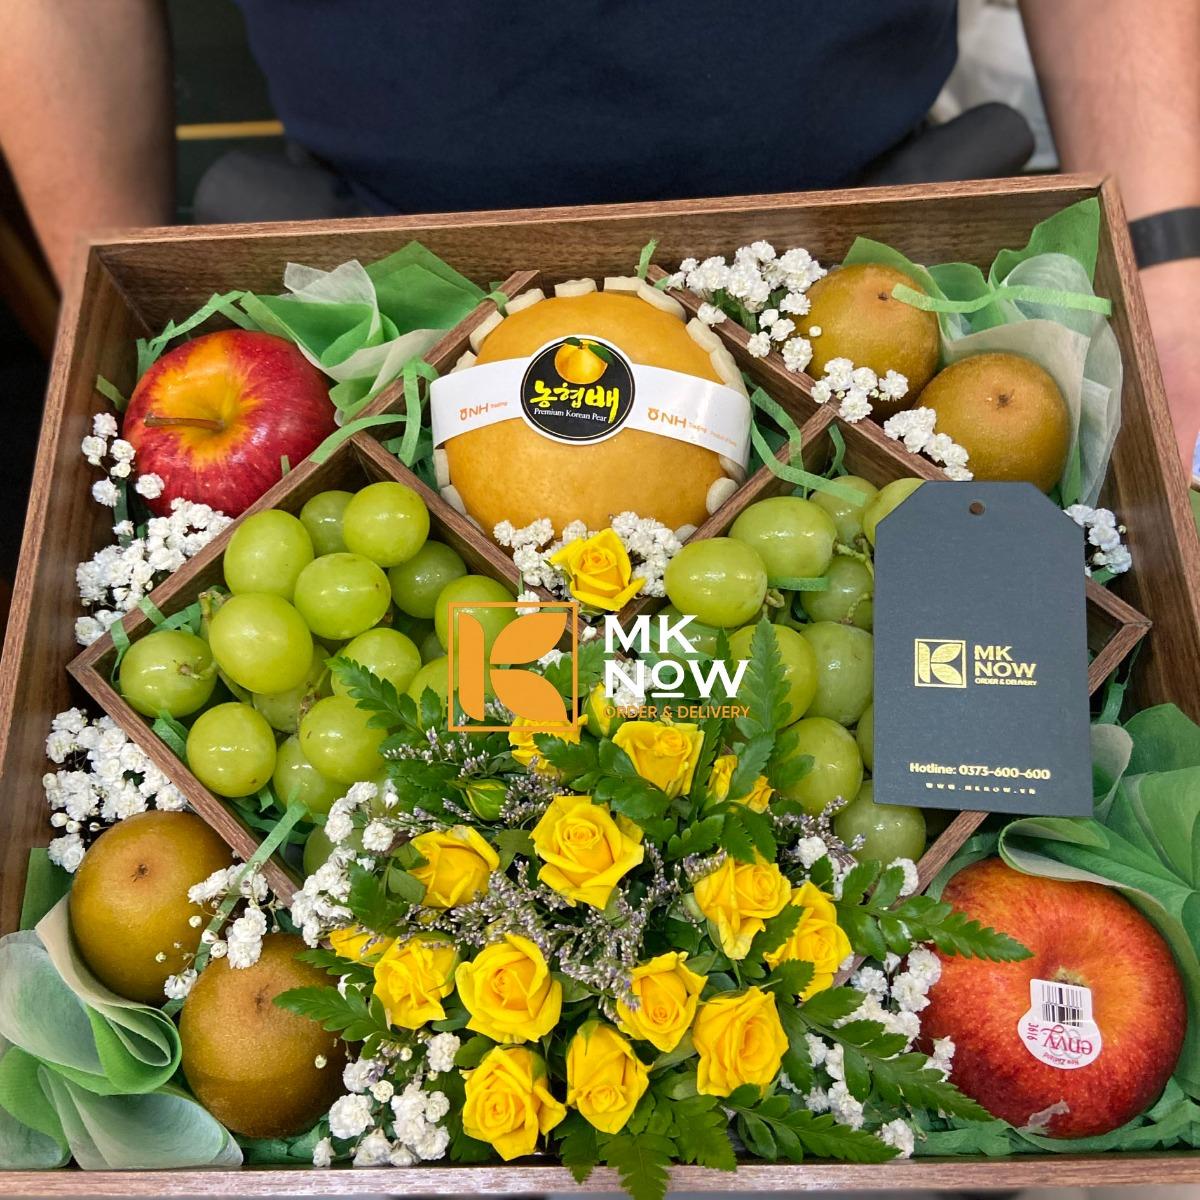 Tặng quà gì ngày 27/2 - Mua quà gì ngày 27/2 - MKnow quà trái cây nhập khẩu TPHCM